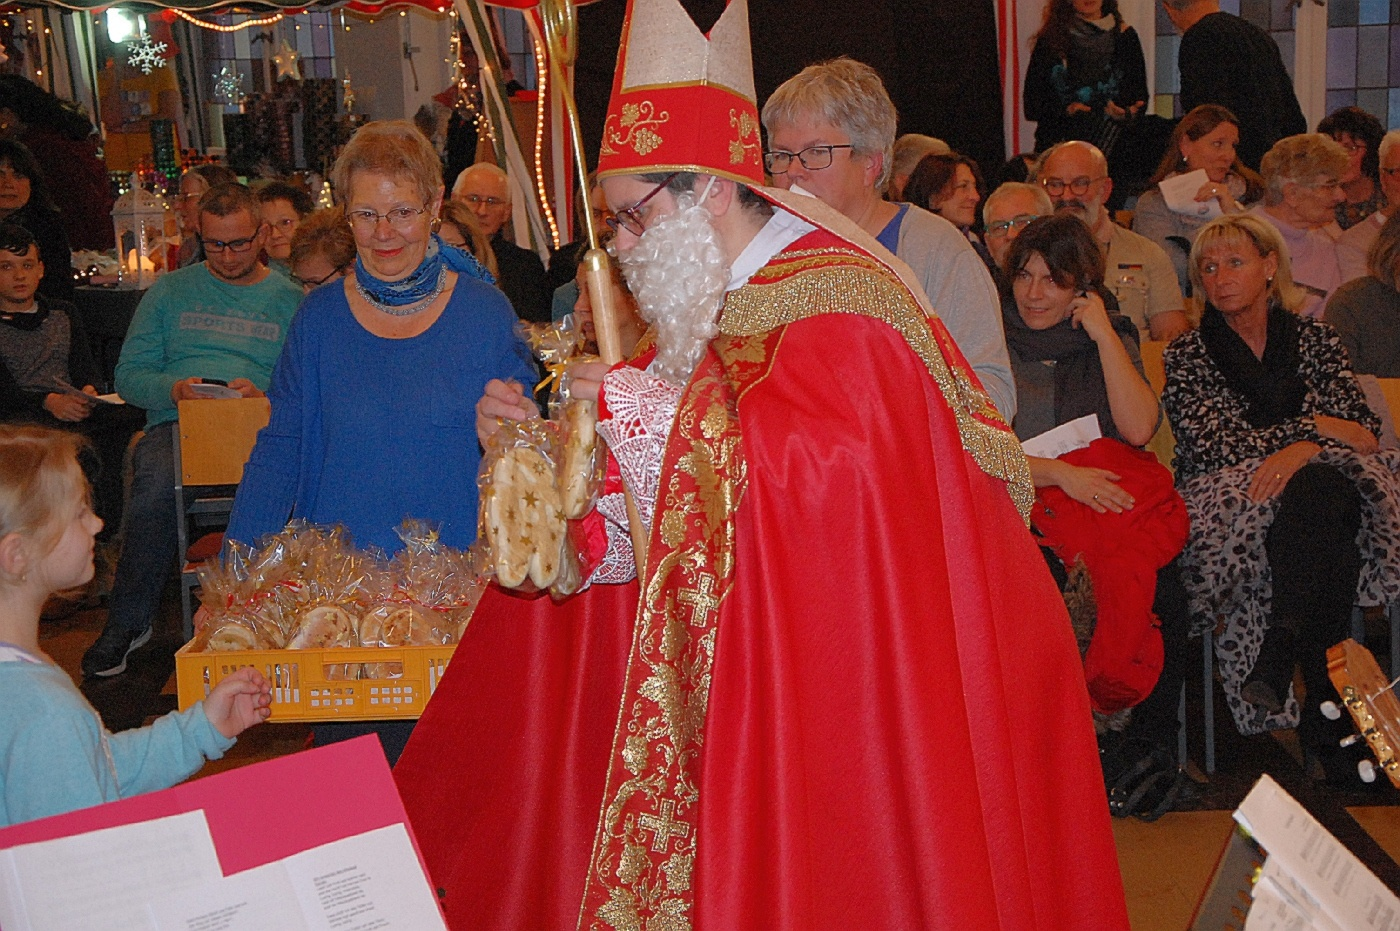 Bischof Nikolaus besucht den Weihnachtsmarkt in Furpach